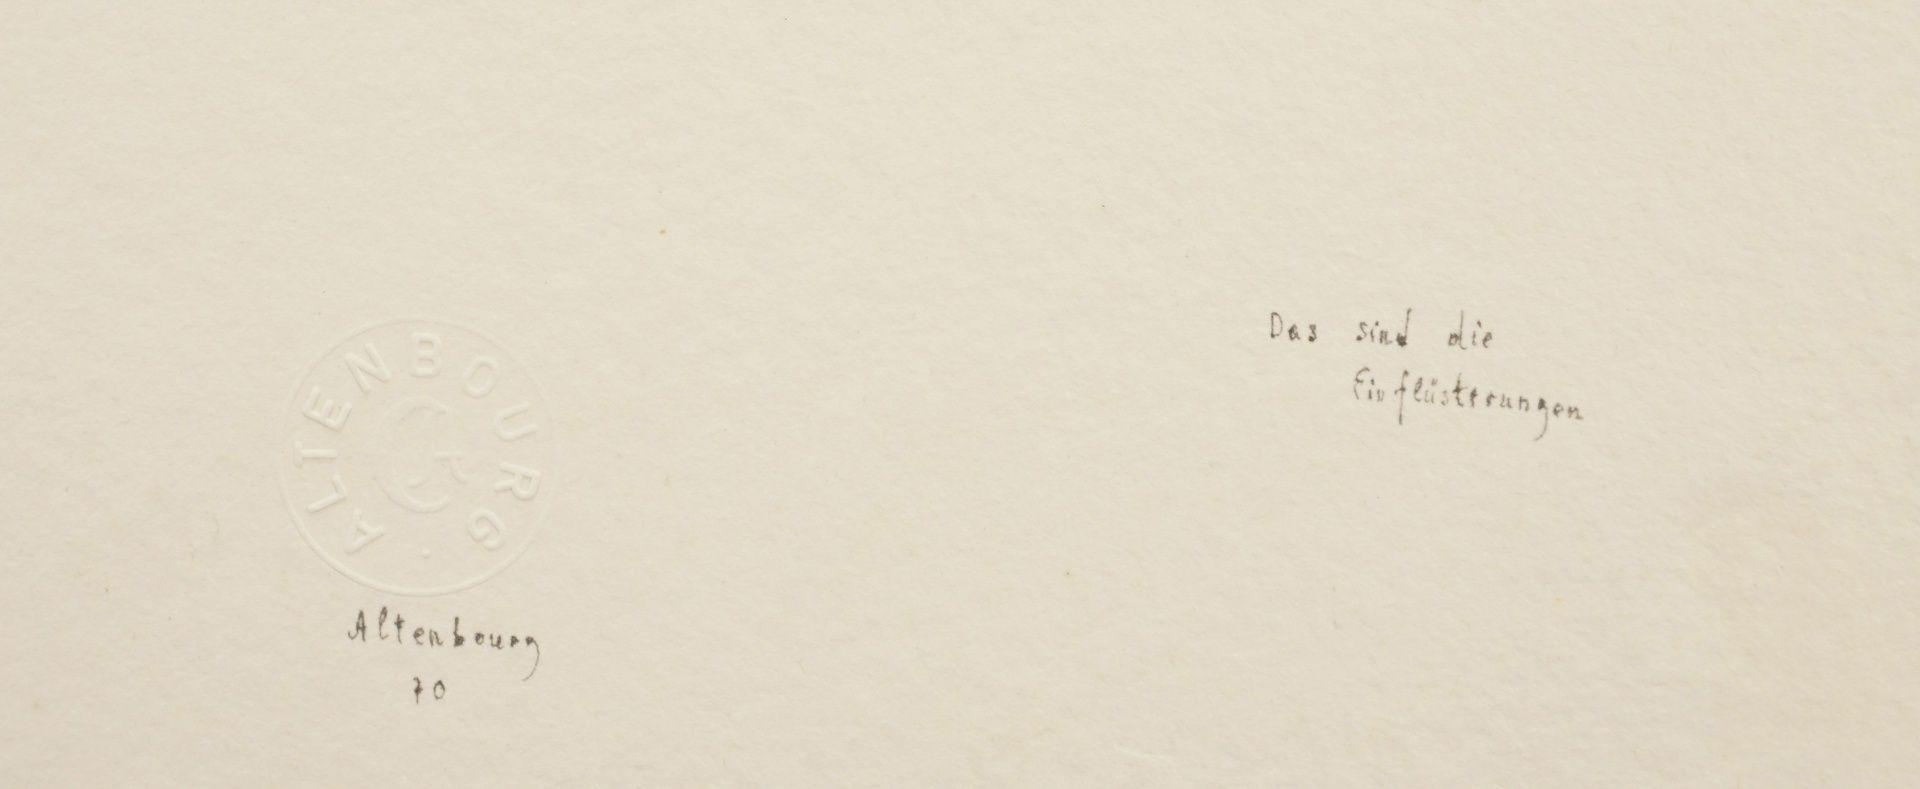 """Gerhard Altenbourg, """"Das sind die Einflüsterungen"""" - Bild 4 aus 4"""